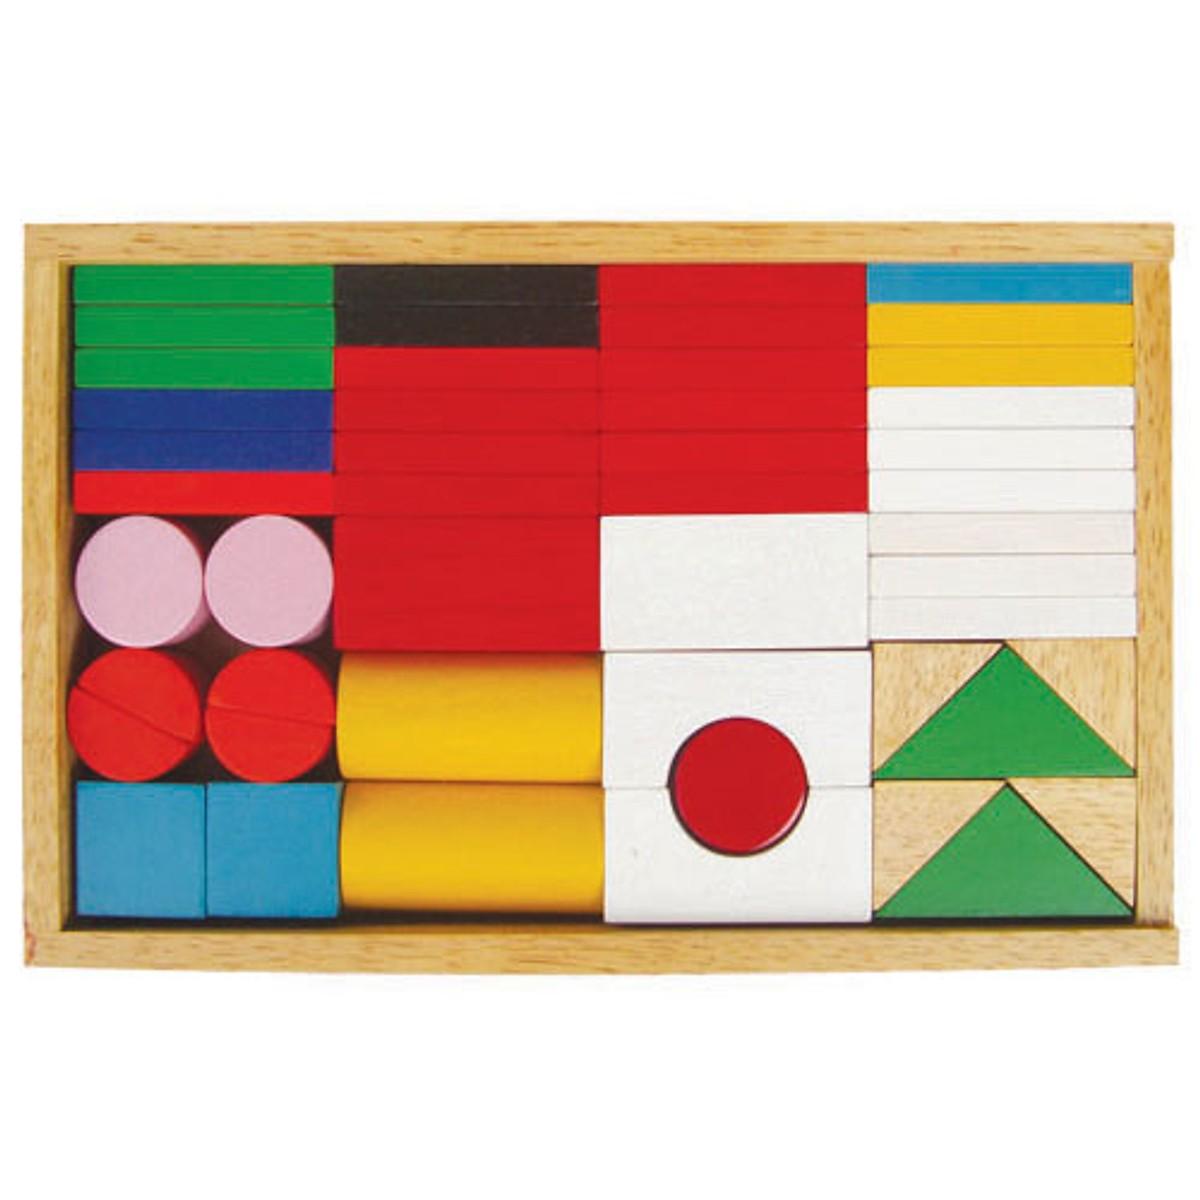 Bộ Cờ Quốc Gia  - Đồ chơi gỗ trí tuệ